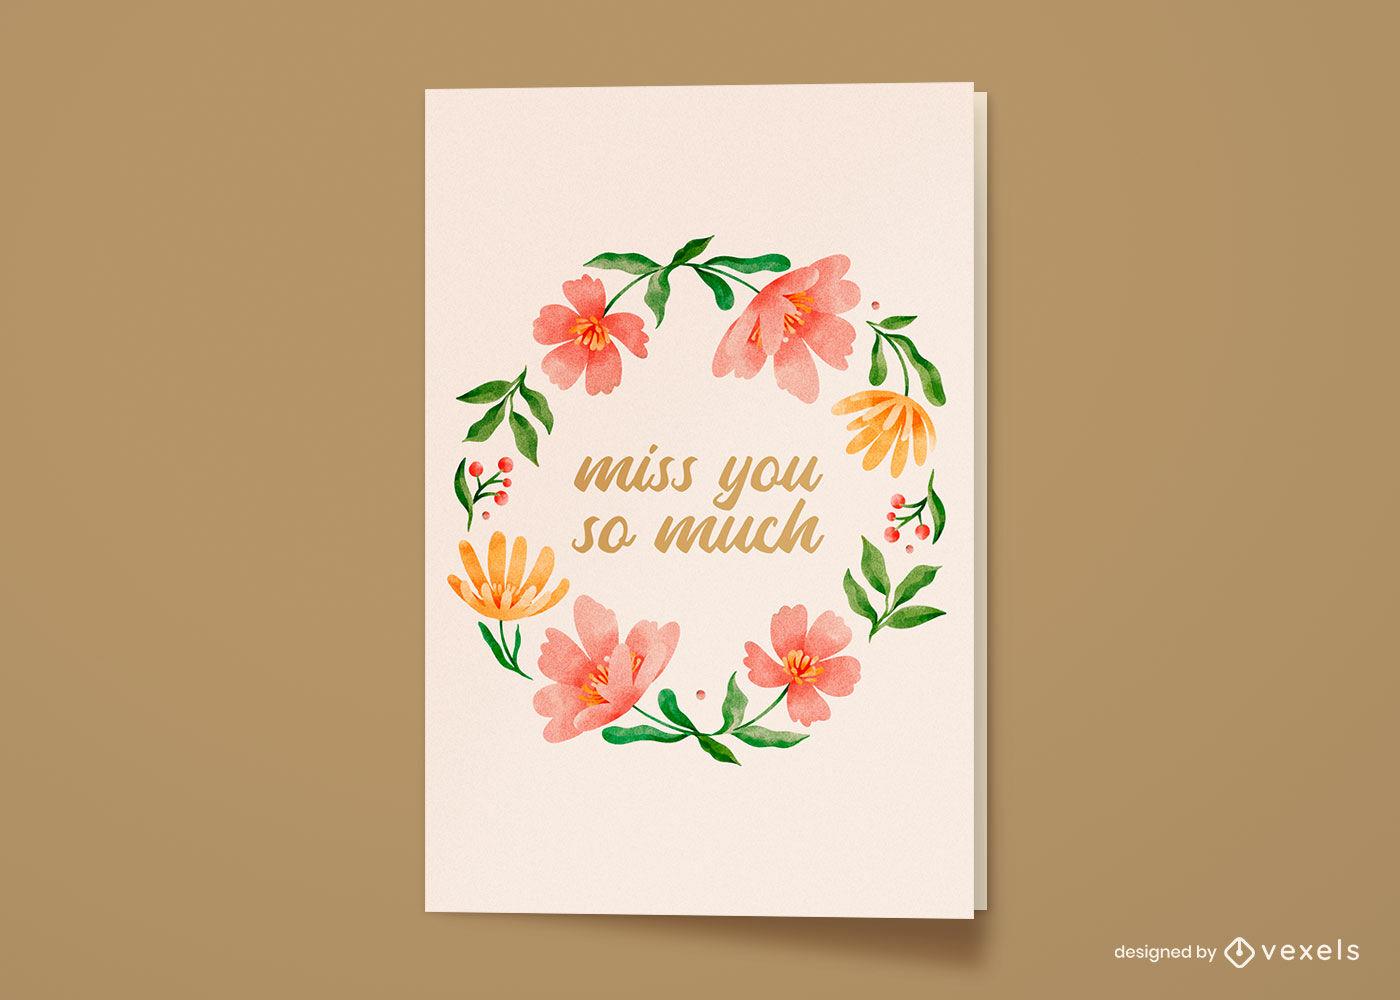 Tarjeta de felicitación de guirnalda de flores de acuarela